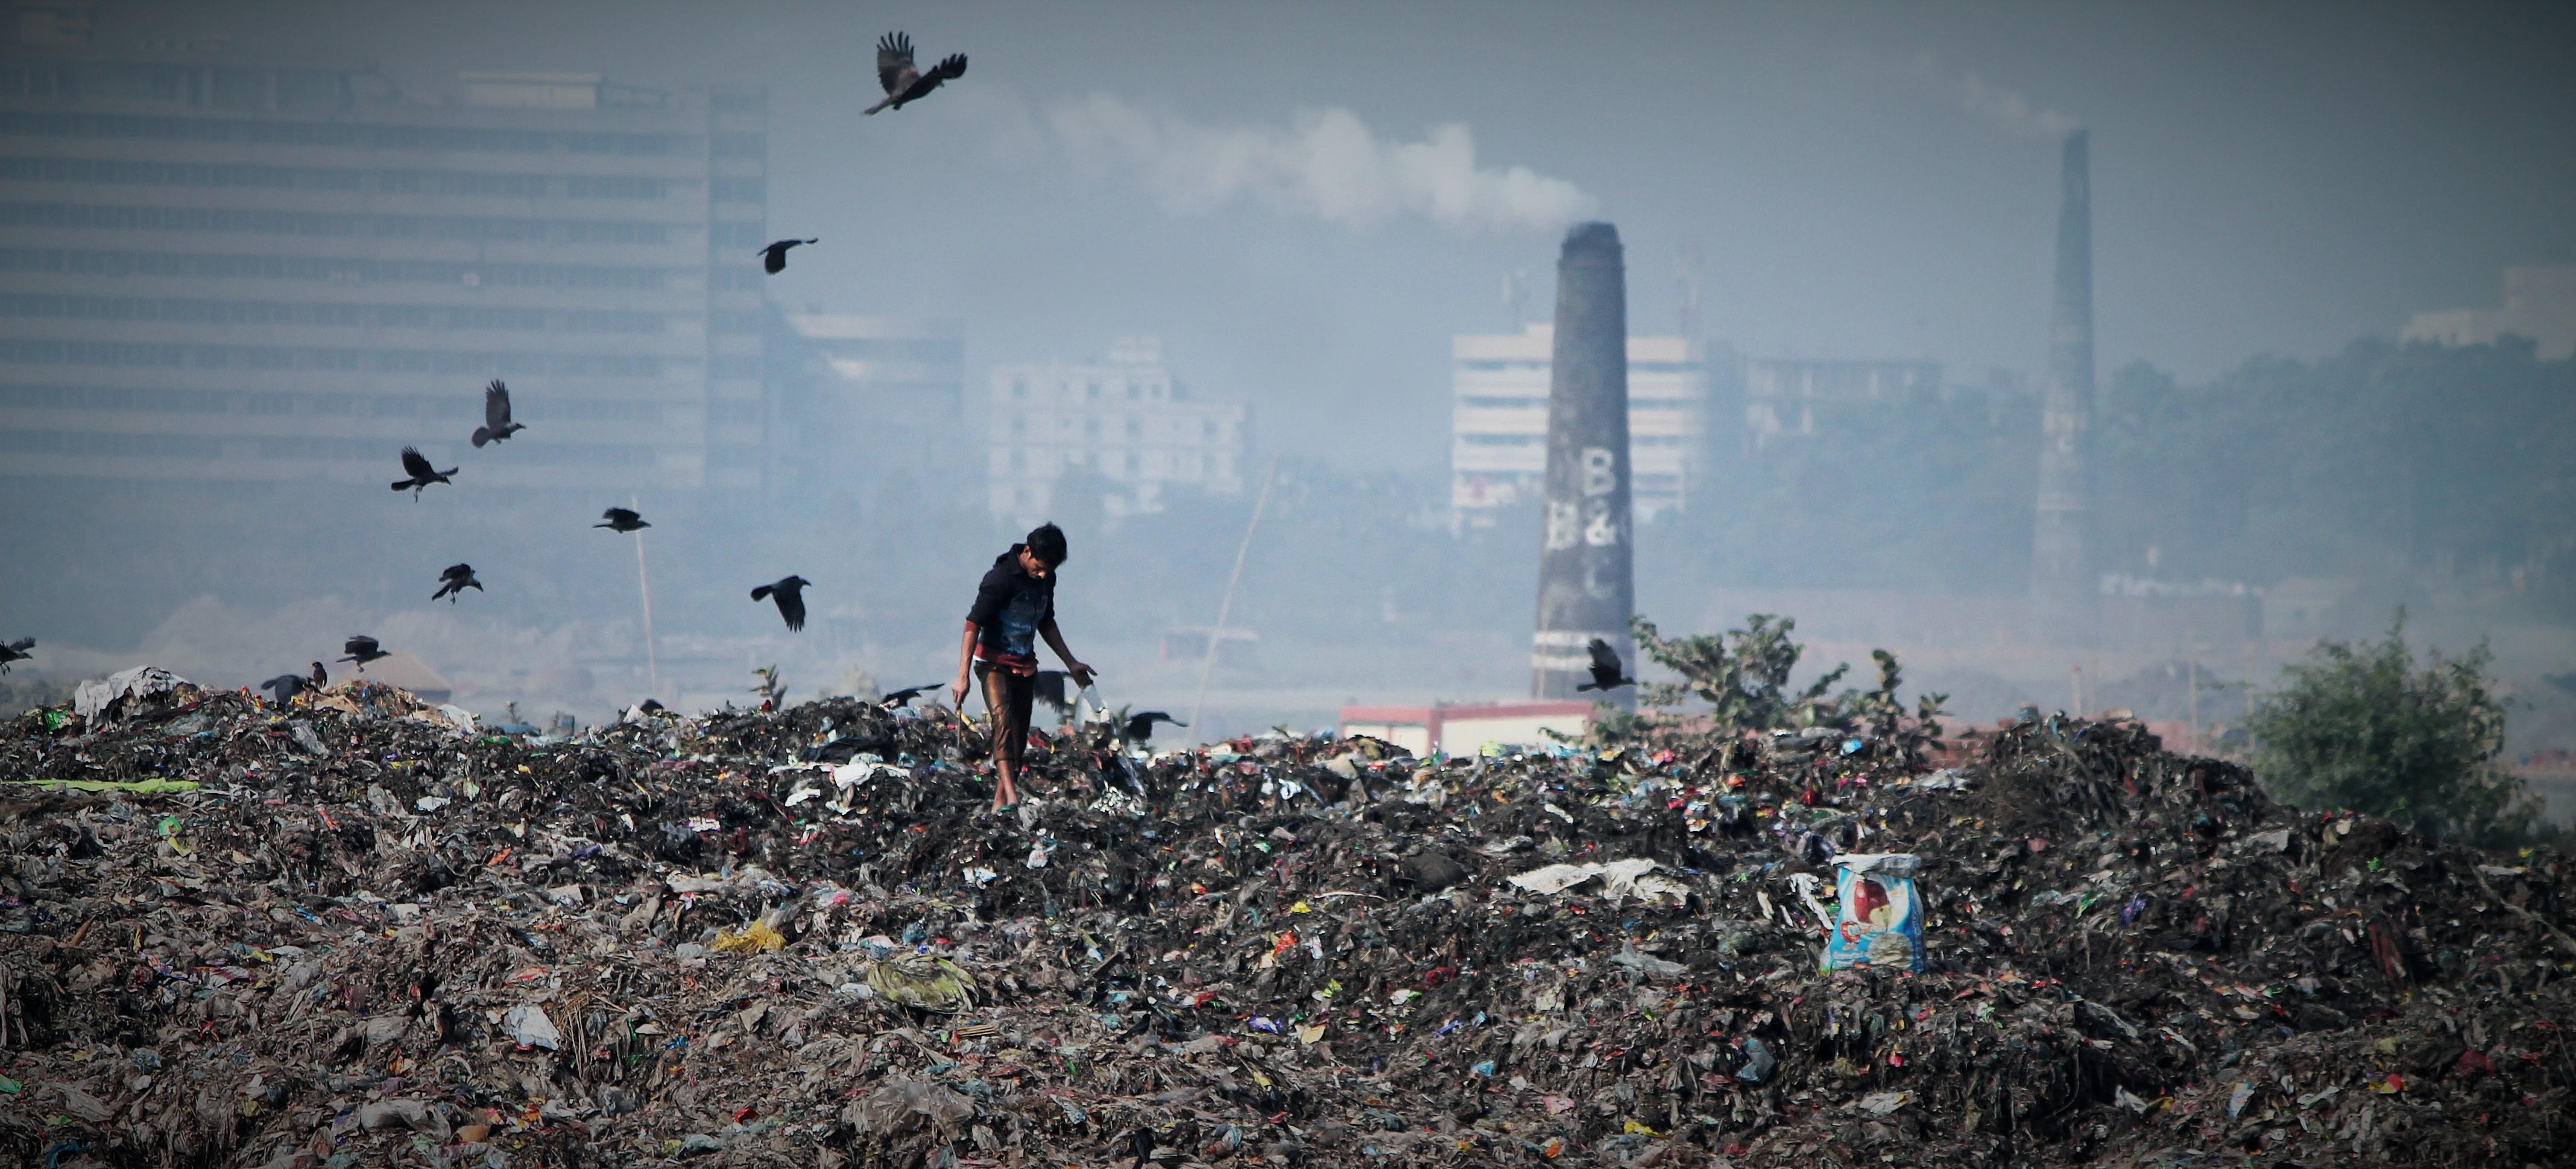 Unsafe Waste Disposal site at Kodda, Gazipur. (Photo credit: Sakib Imtiaz)